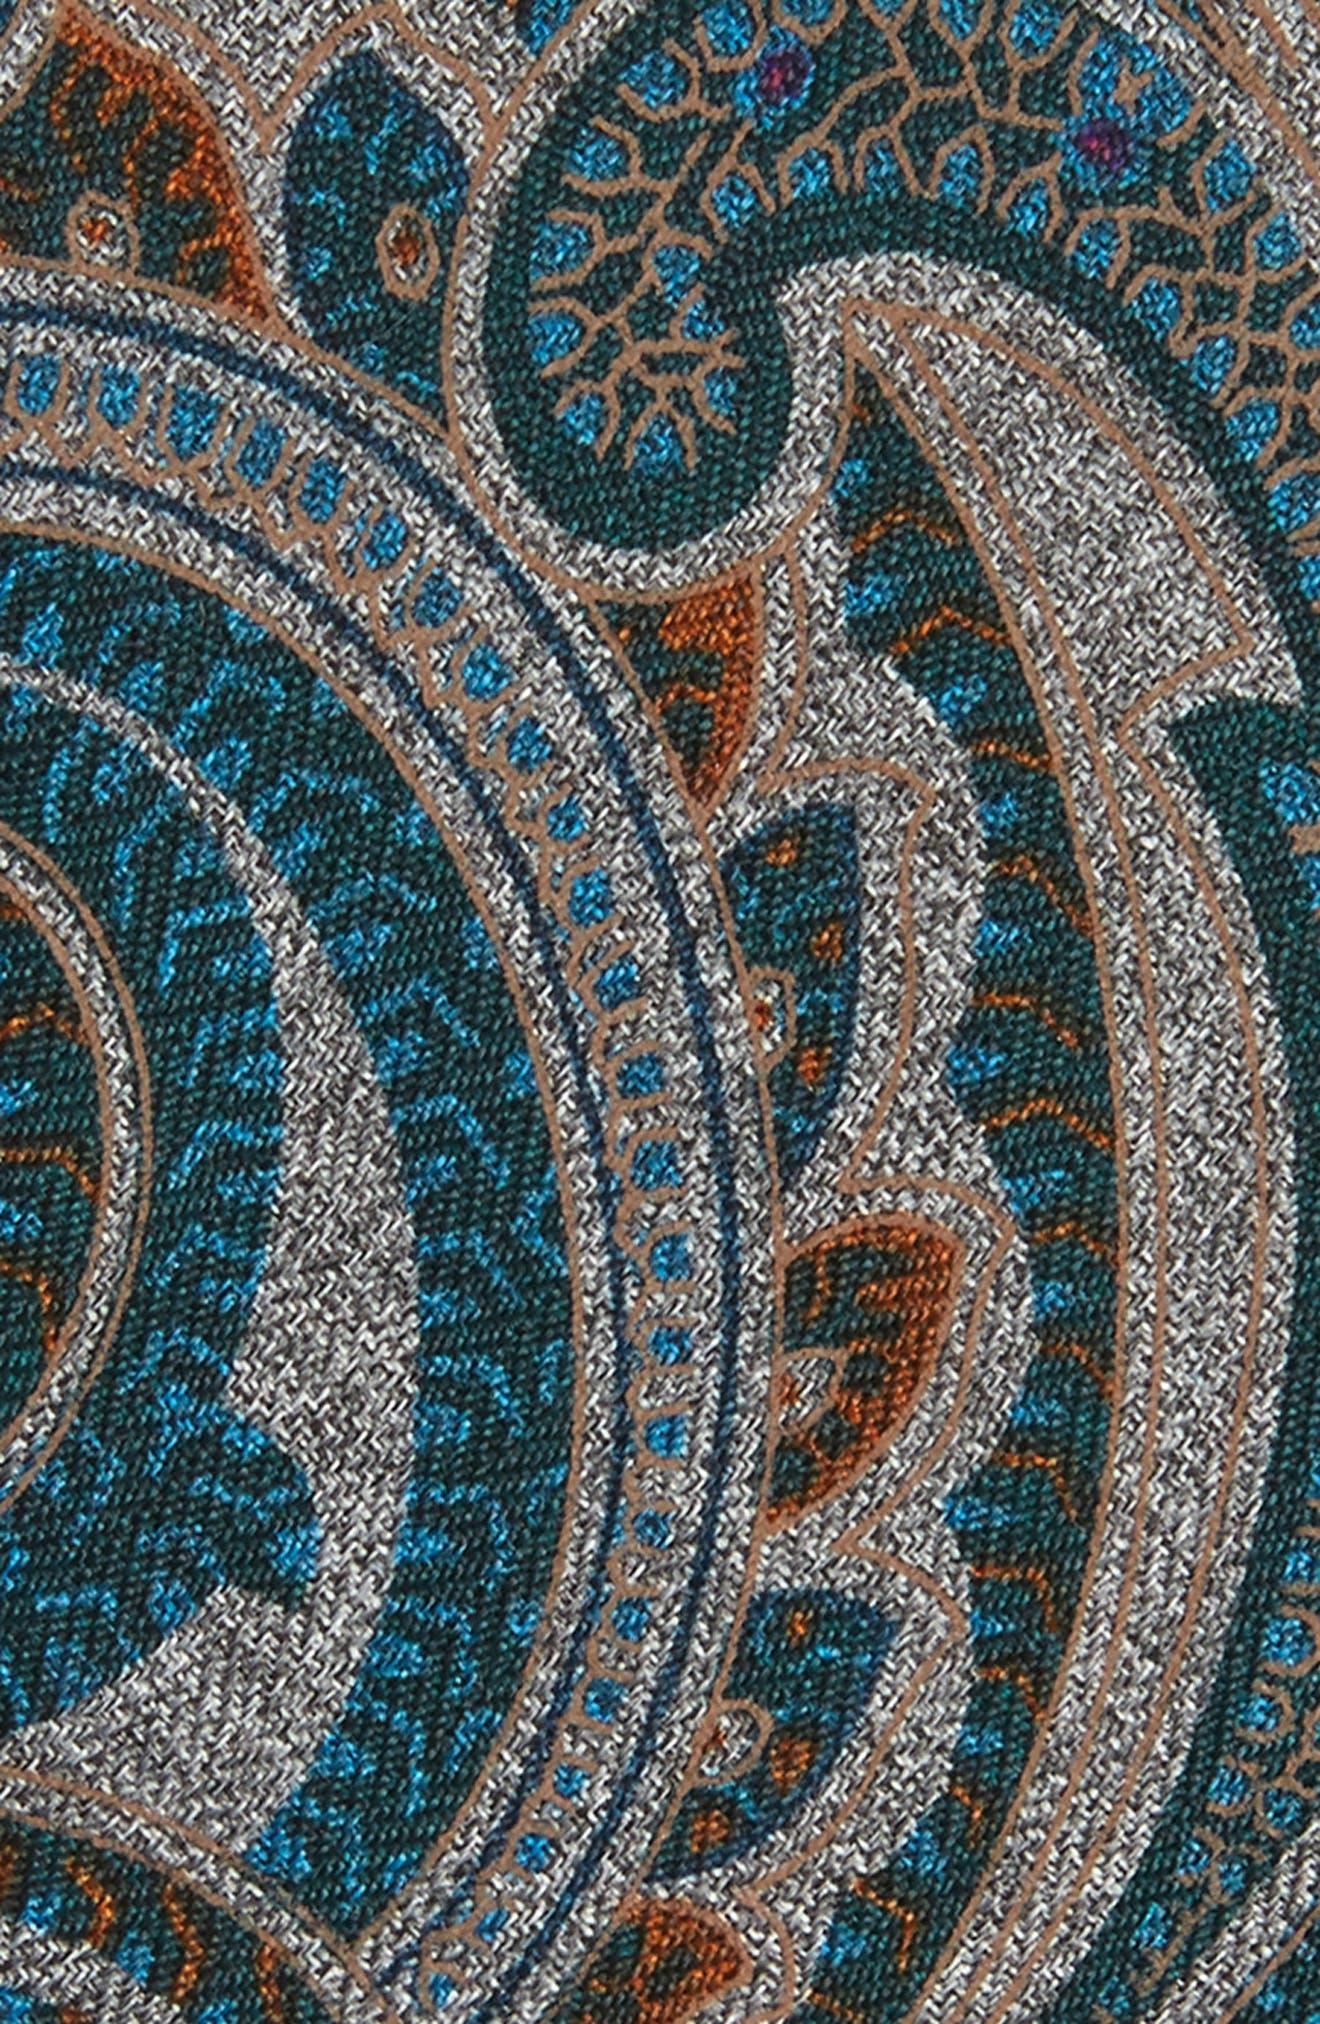 Mélange Paisley Tie,                             Alternate thumbnail 2, color,                             Rust